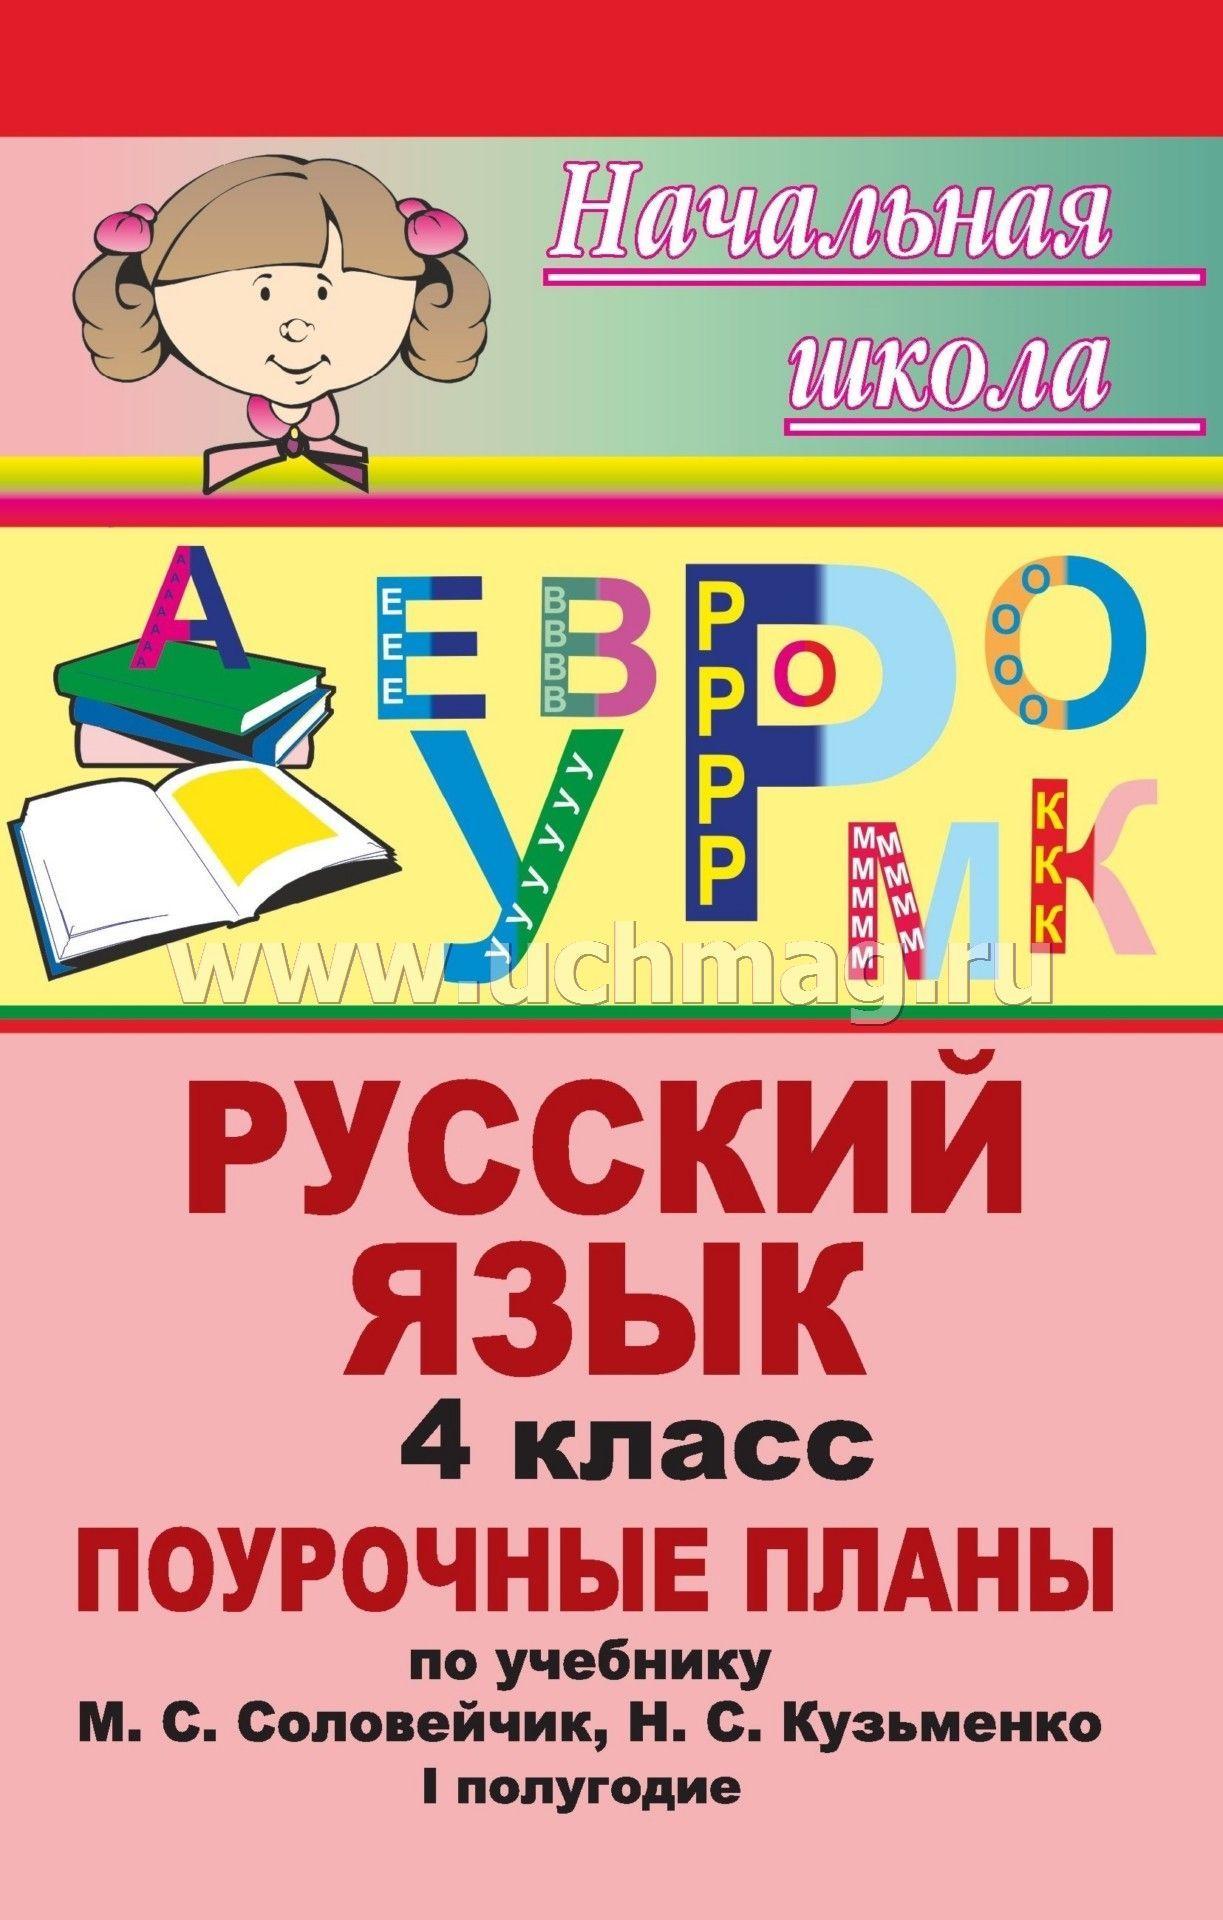 Скачать поурочные разработки по русскому 4 класс